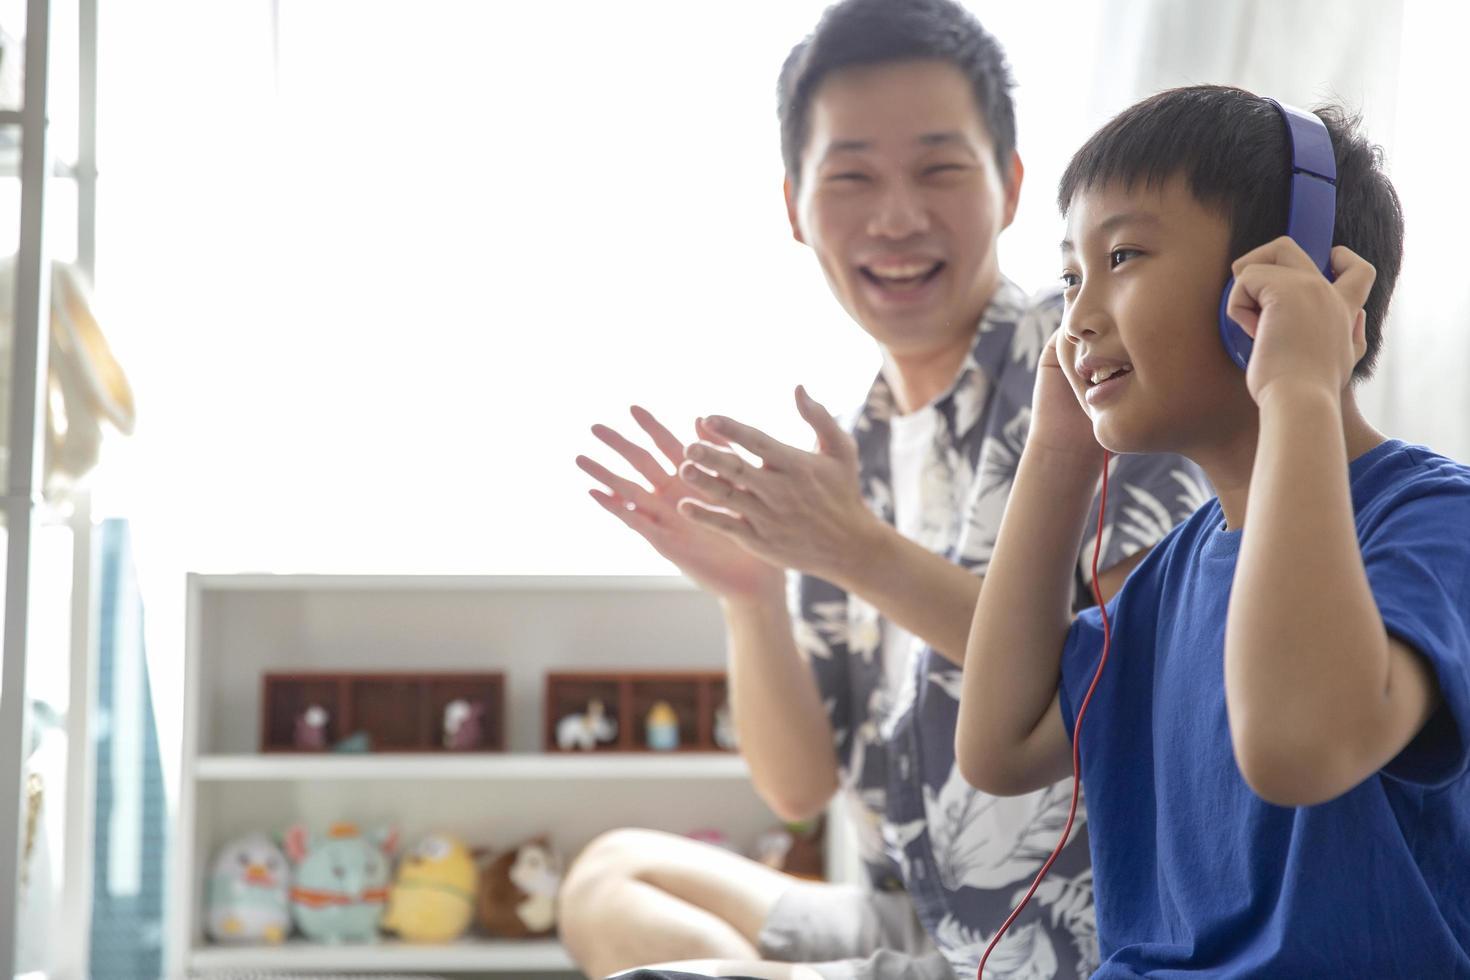 famille heureuse tout en utilisant des écouteurs pour écouter de la musique et sourire, profitez de passer du temps ensemble à la maison photo